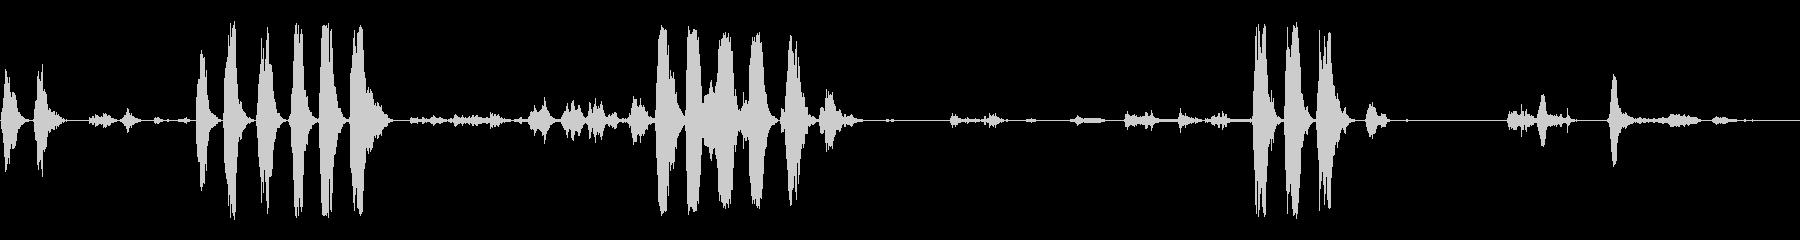 野生の鳥02(複数)の未再生の波形